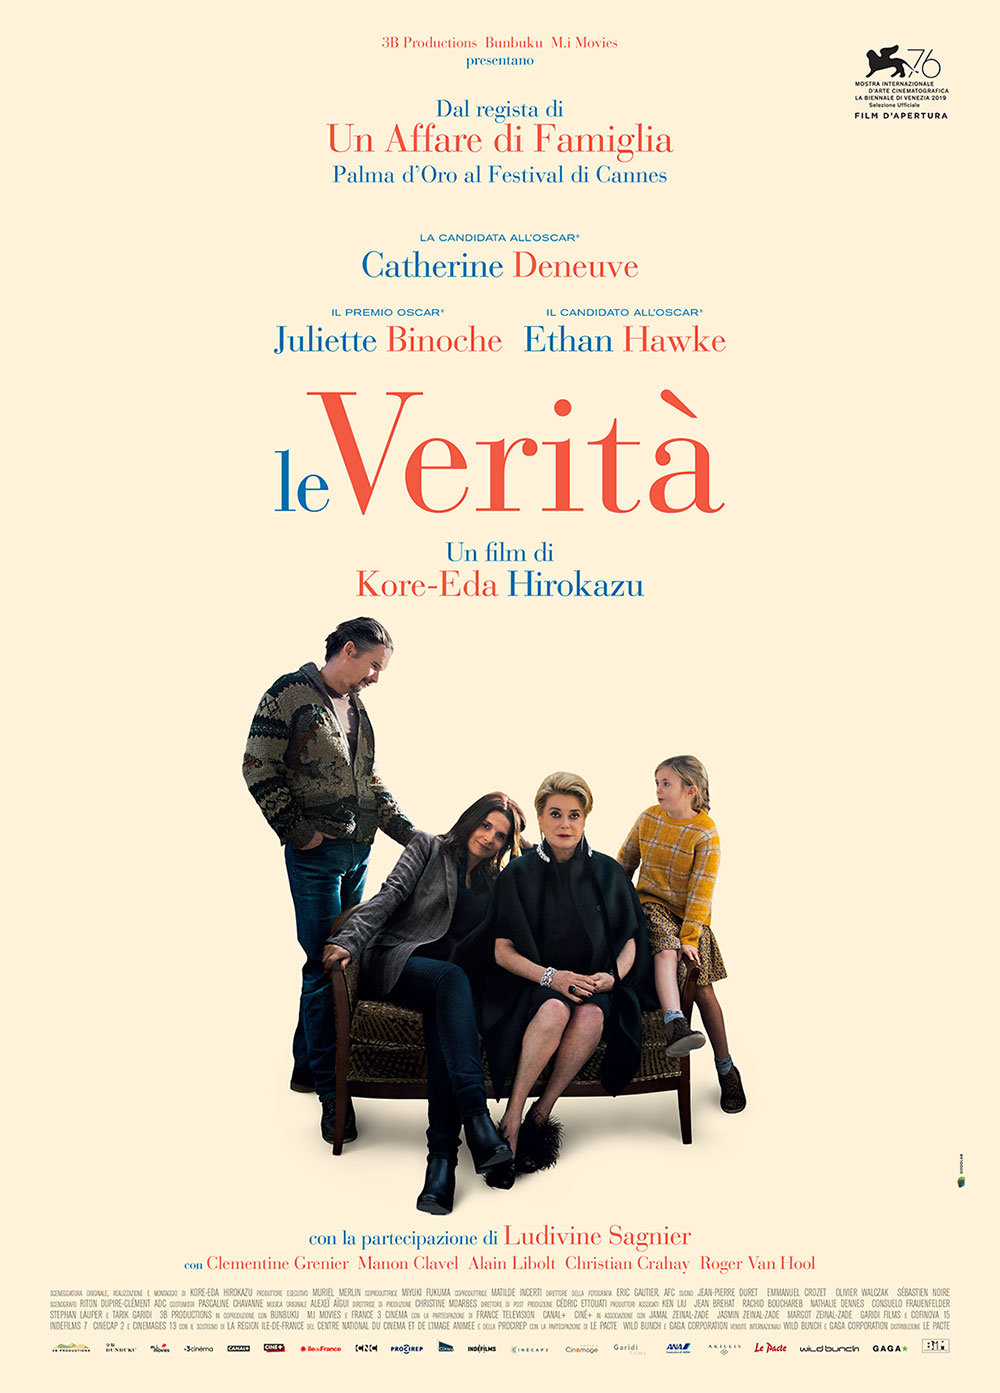 -  Dall'articolo: Le Verità, il poster italiano del film.